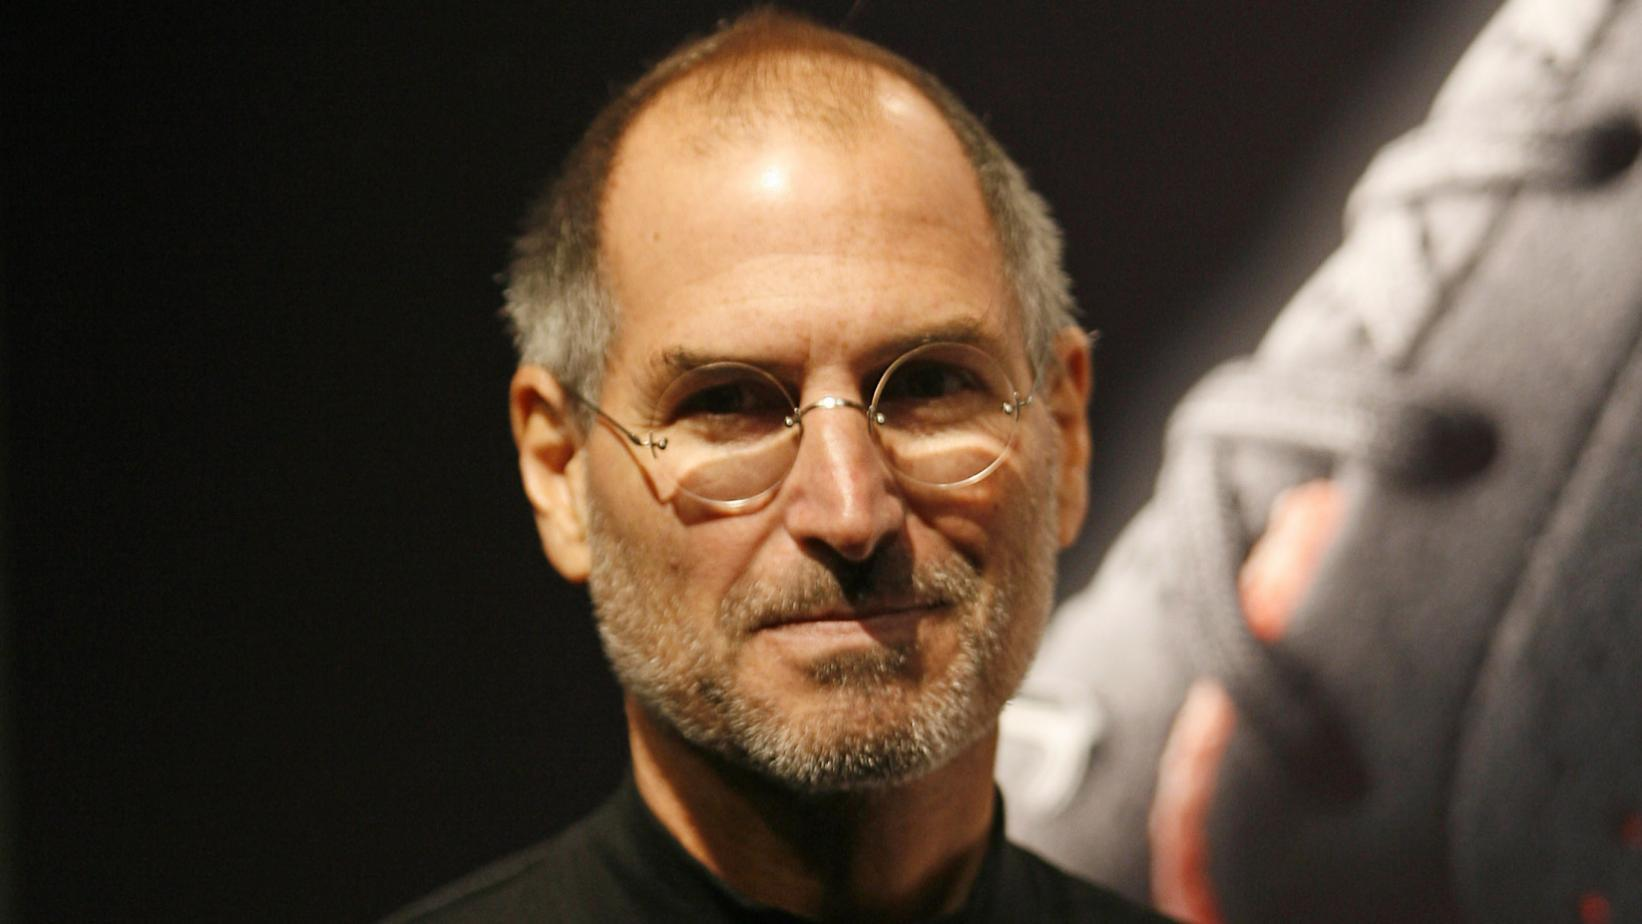 Apple может представить умные очки в стилистике очков Стива Джобса сразу после презентации iPhone 12